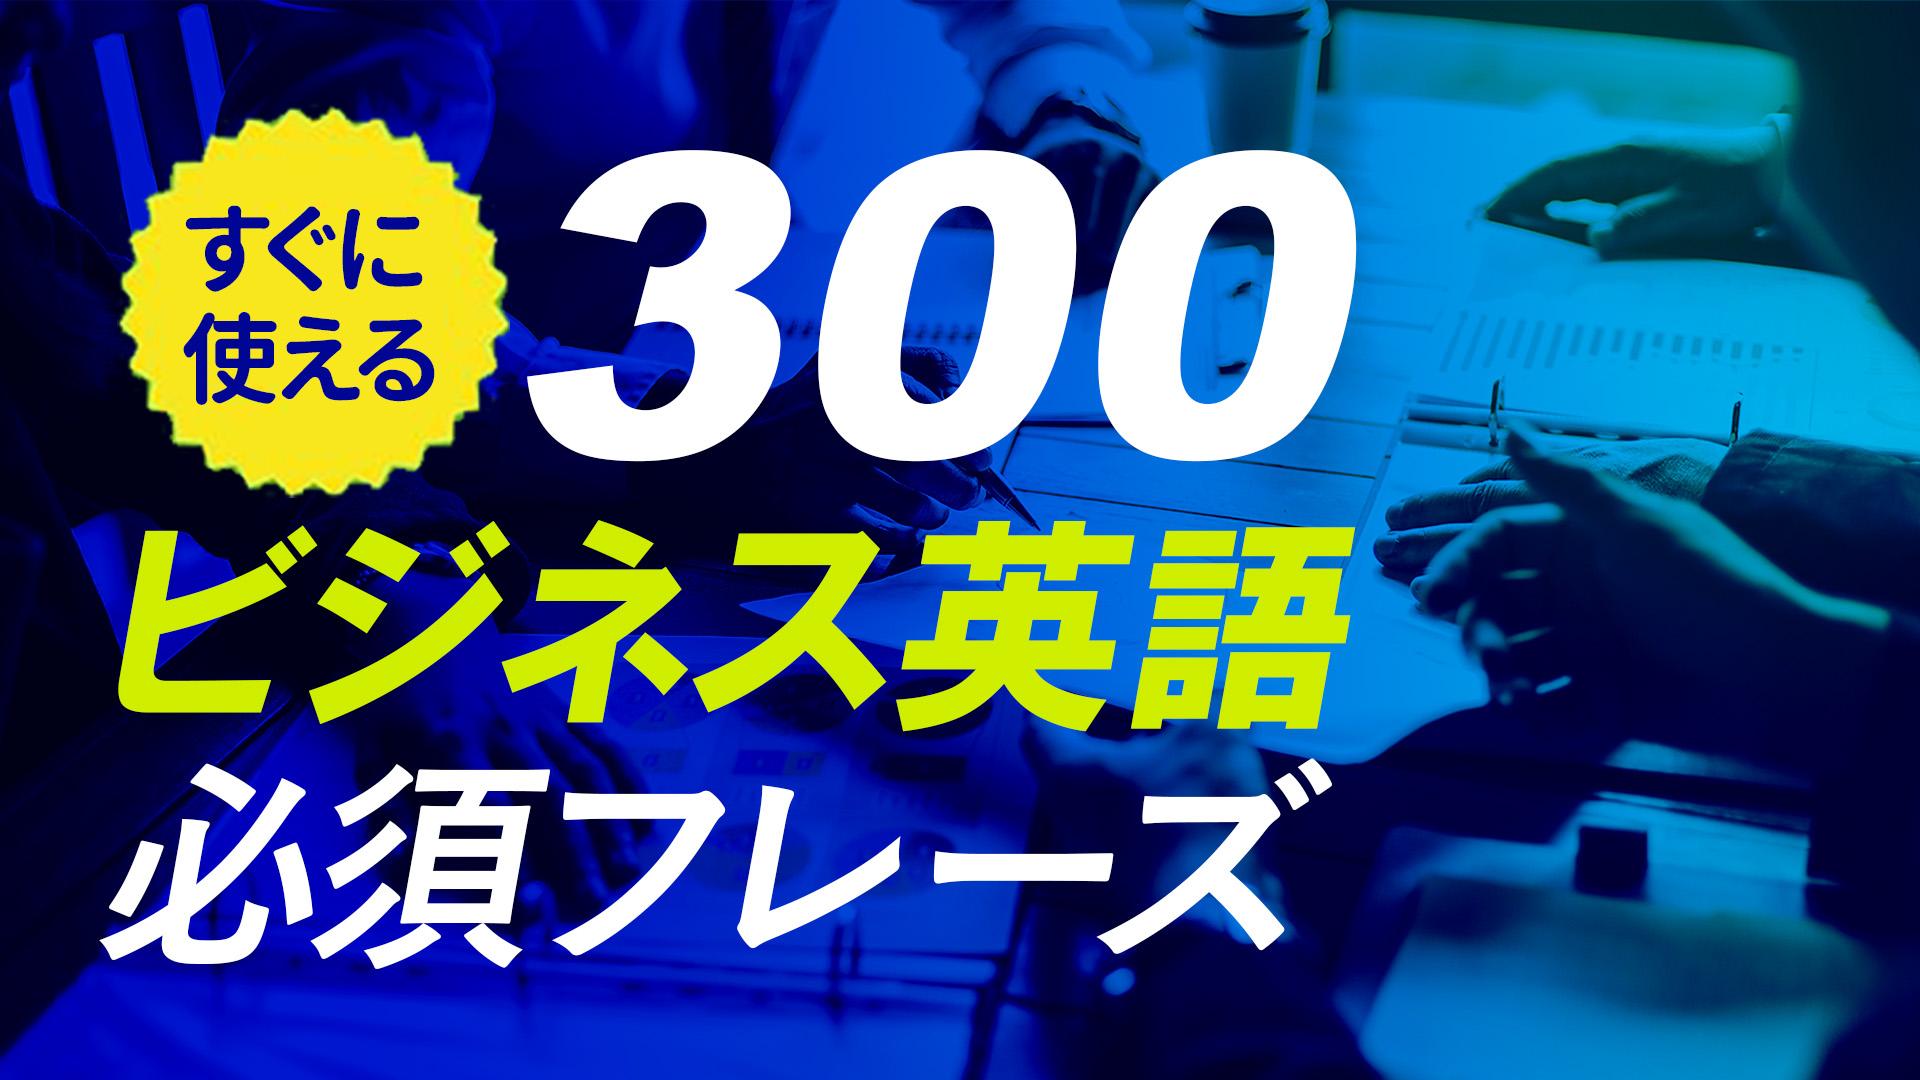 064   ビジネス英語フレーズ リスニング 聞き流し 英会話